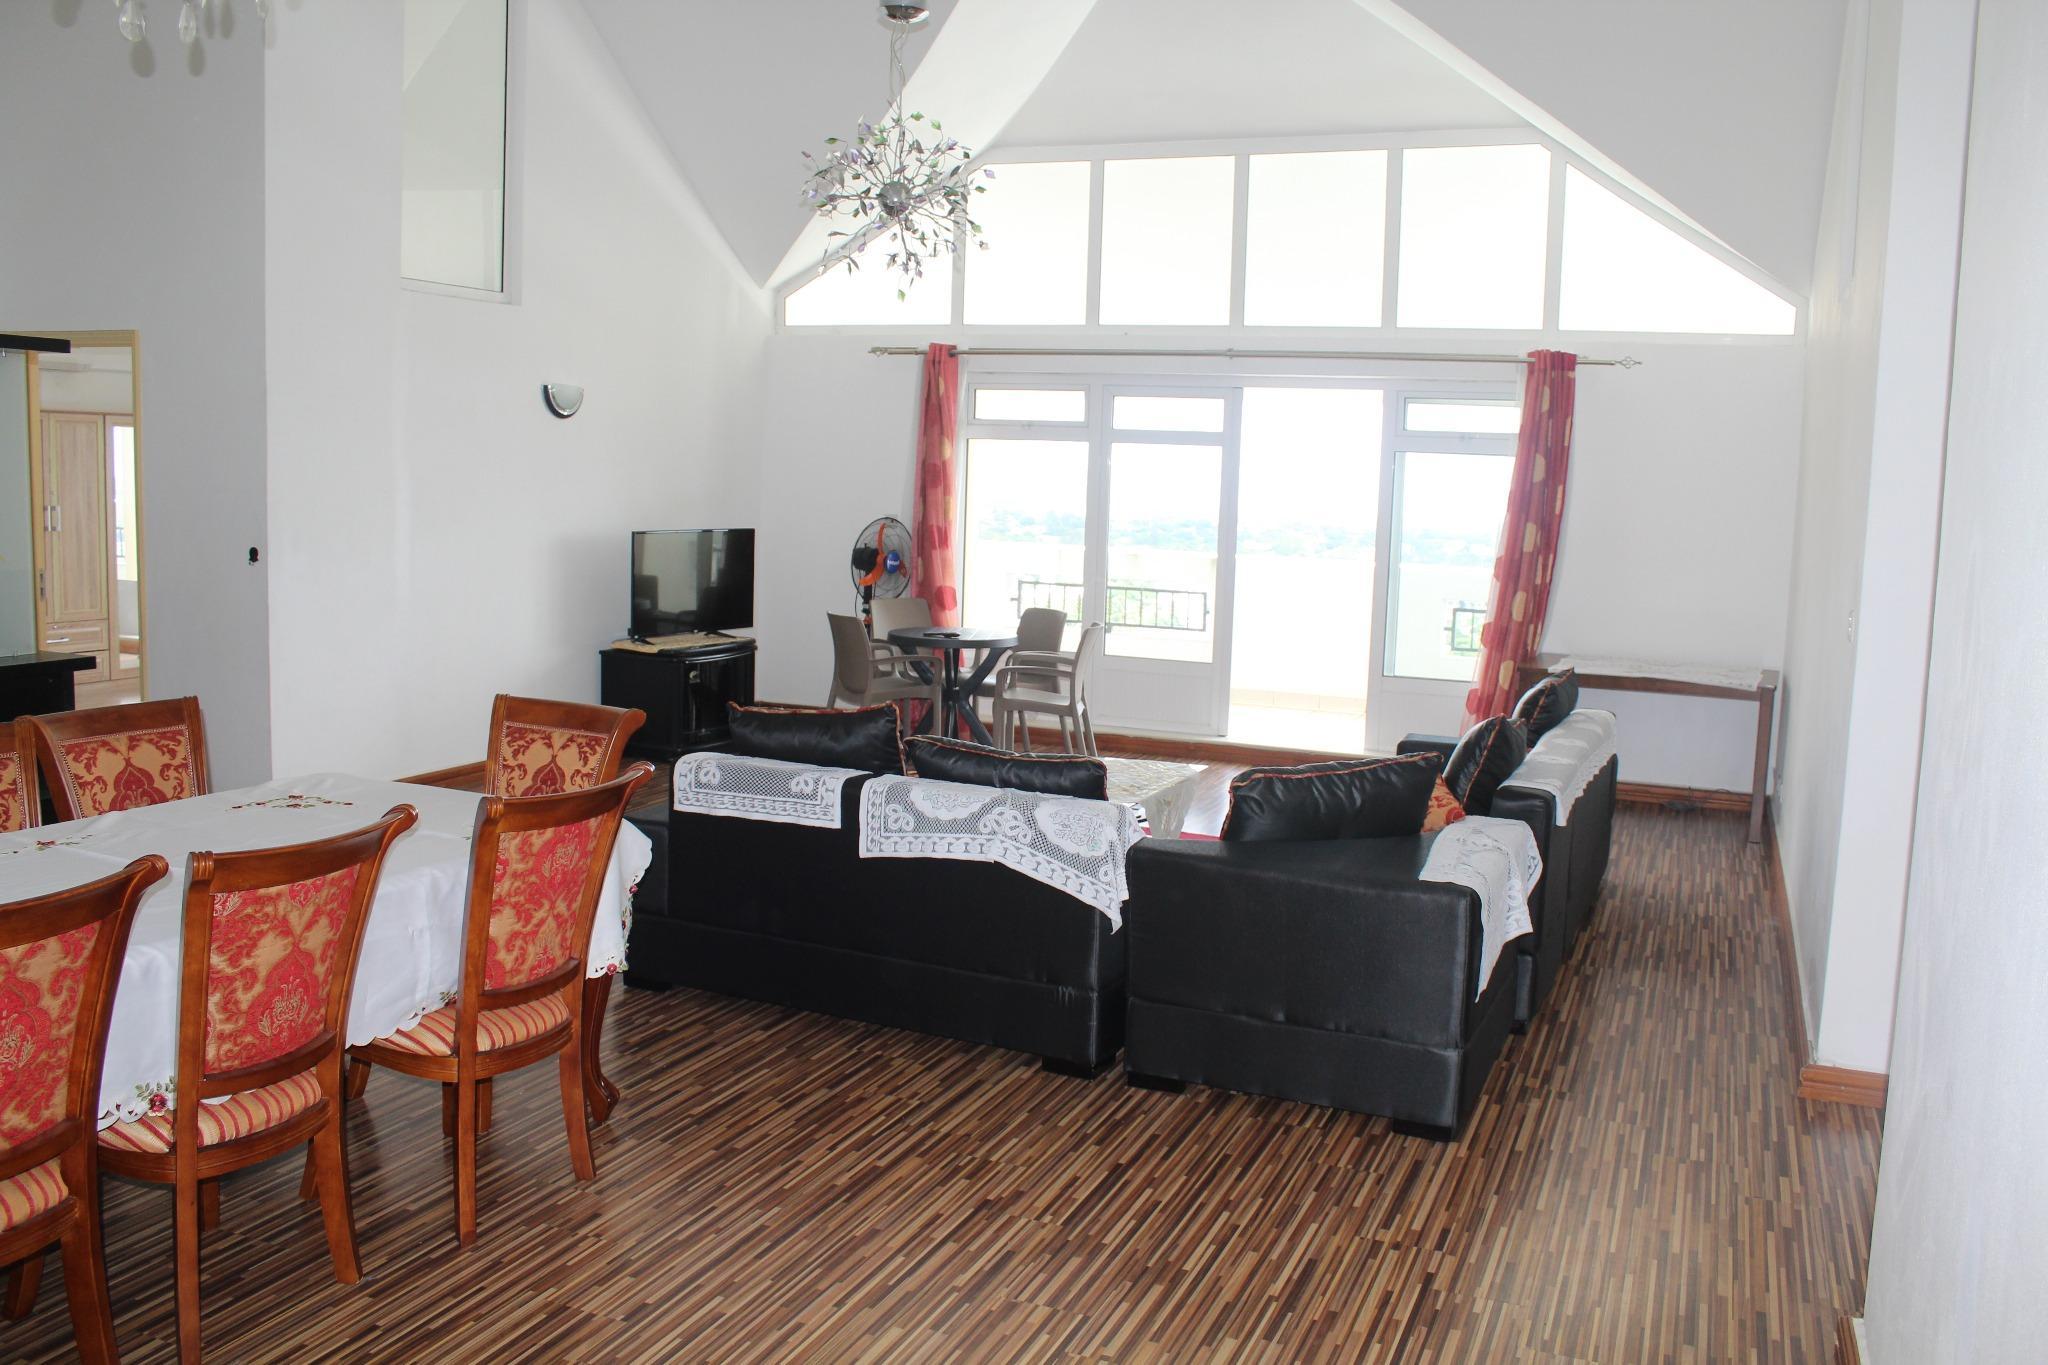 A vendre – Penthouse de 180 m2 à Quatre-Bornes, avec vue sur la montagne – ACCESSIBLE AUX ETRANGERS.